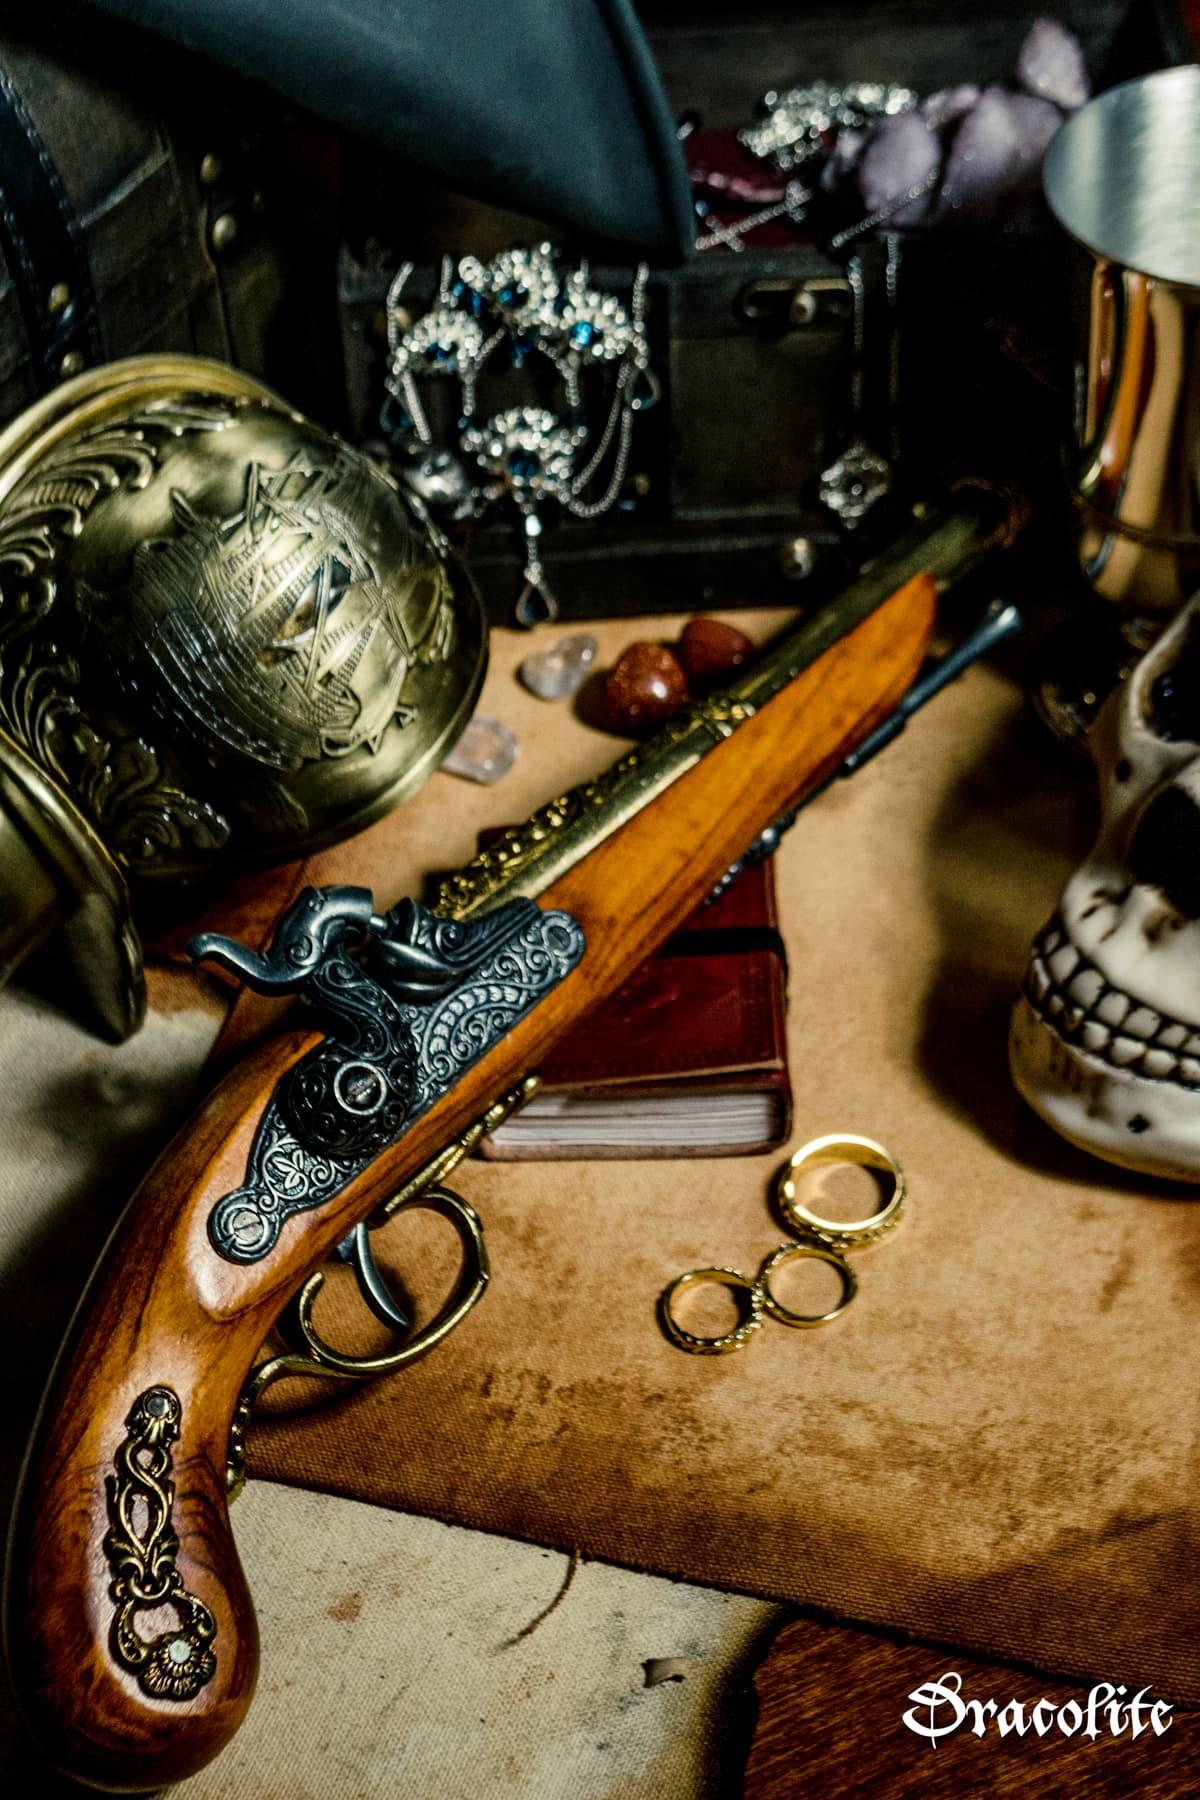 pistolet a percussion francais du 19eme siecle